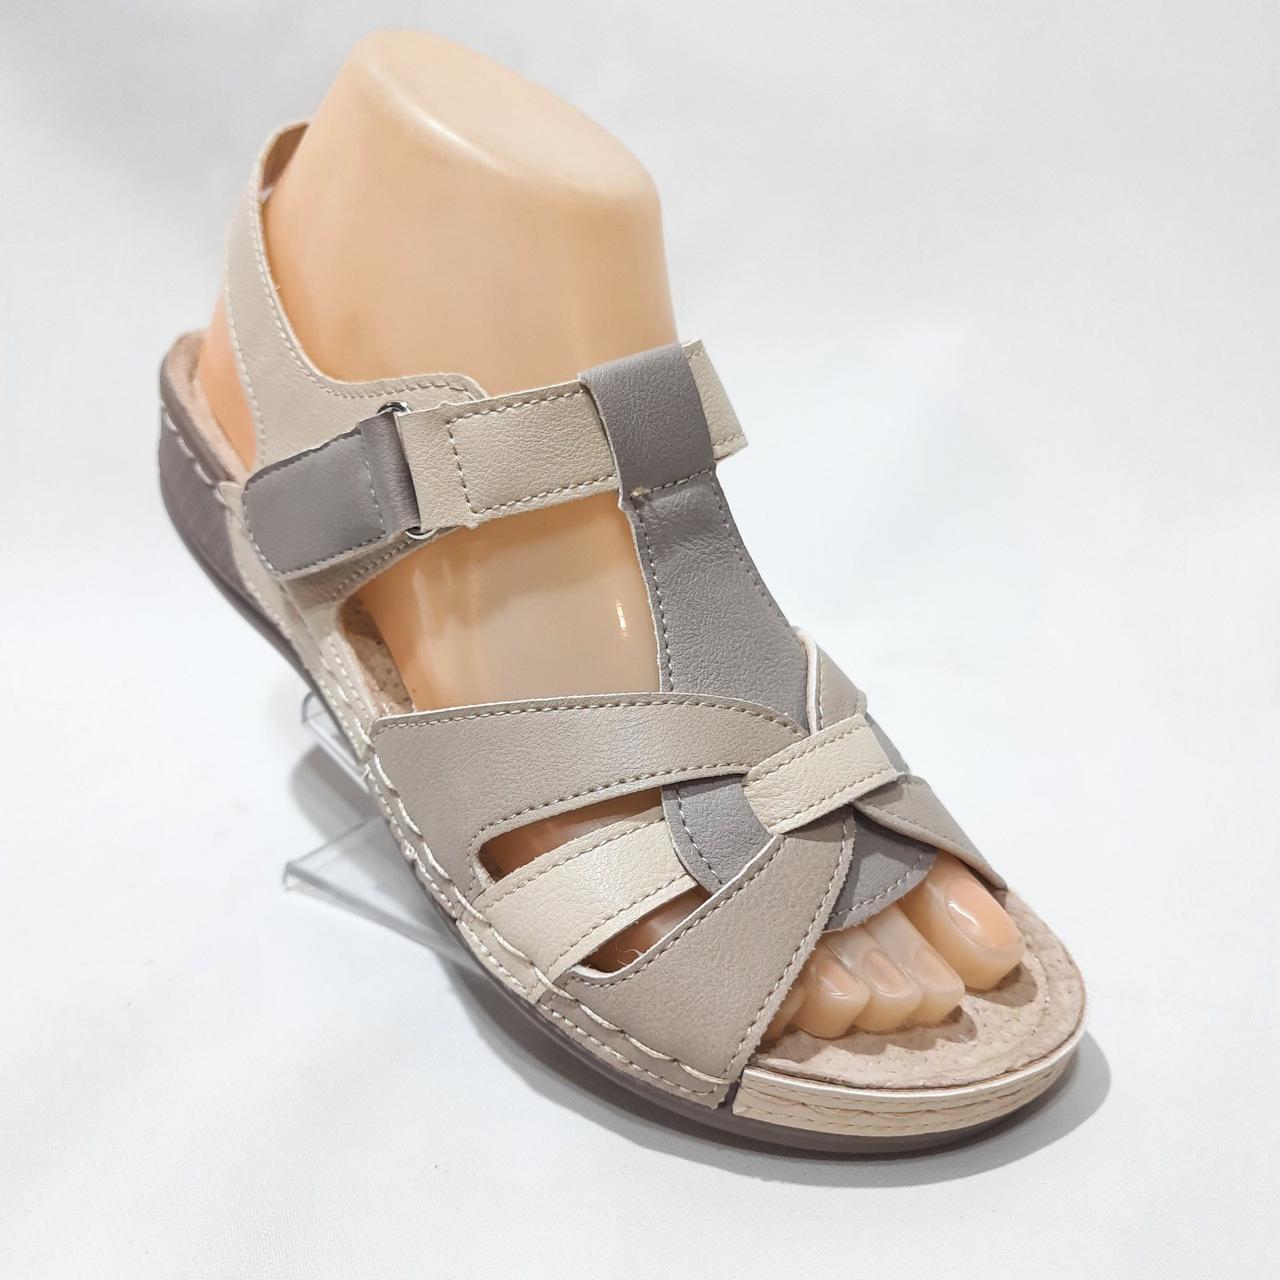 Босоніжки жіночі, сандалі натуральна шкіра ортопедична устілка на плоскій підошві на широку ногу Бежеві